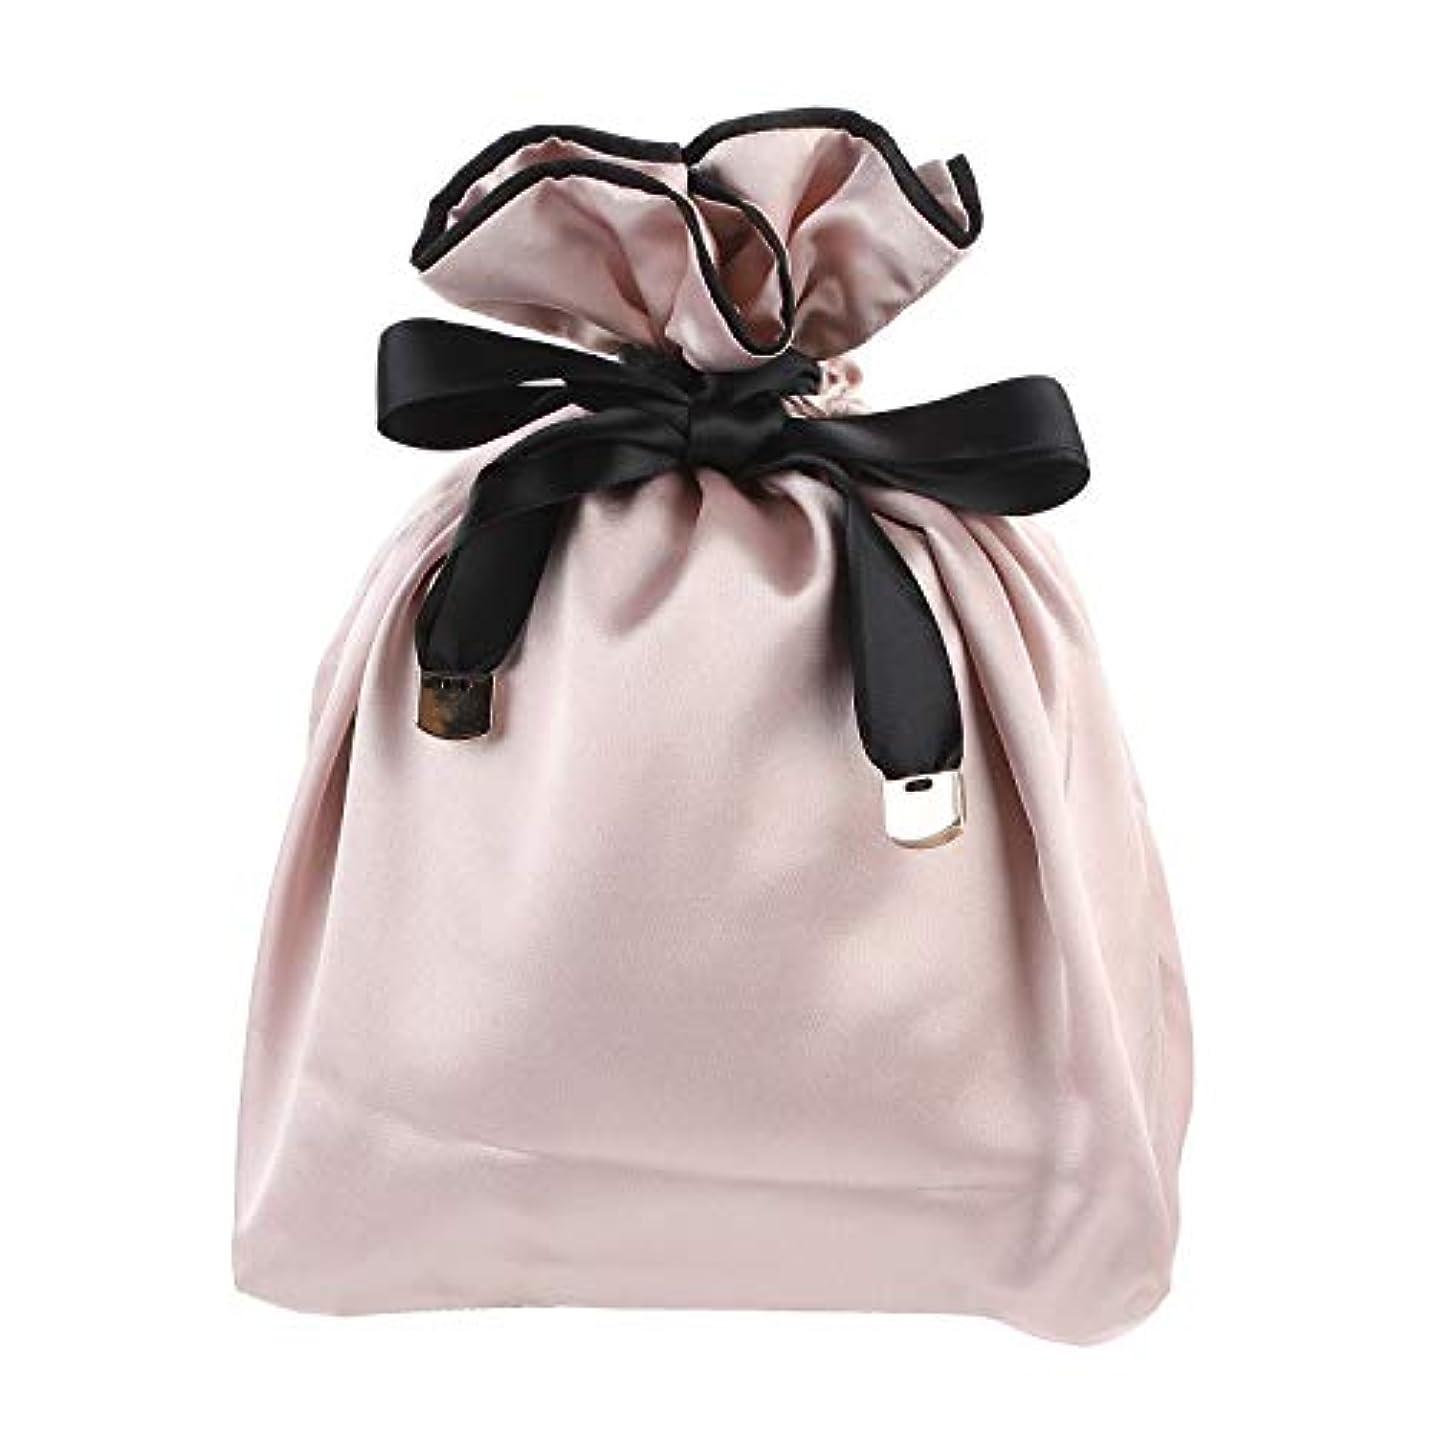 サーキュレーション未亡人最大のNEOVIVA 巾着 袋 女の子 化粧品ポーチ 小物入れ スベスベ 旅行 ギフト ピンク 巾着袋だけ